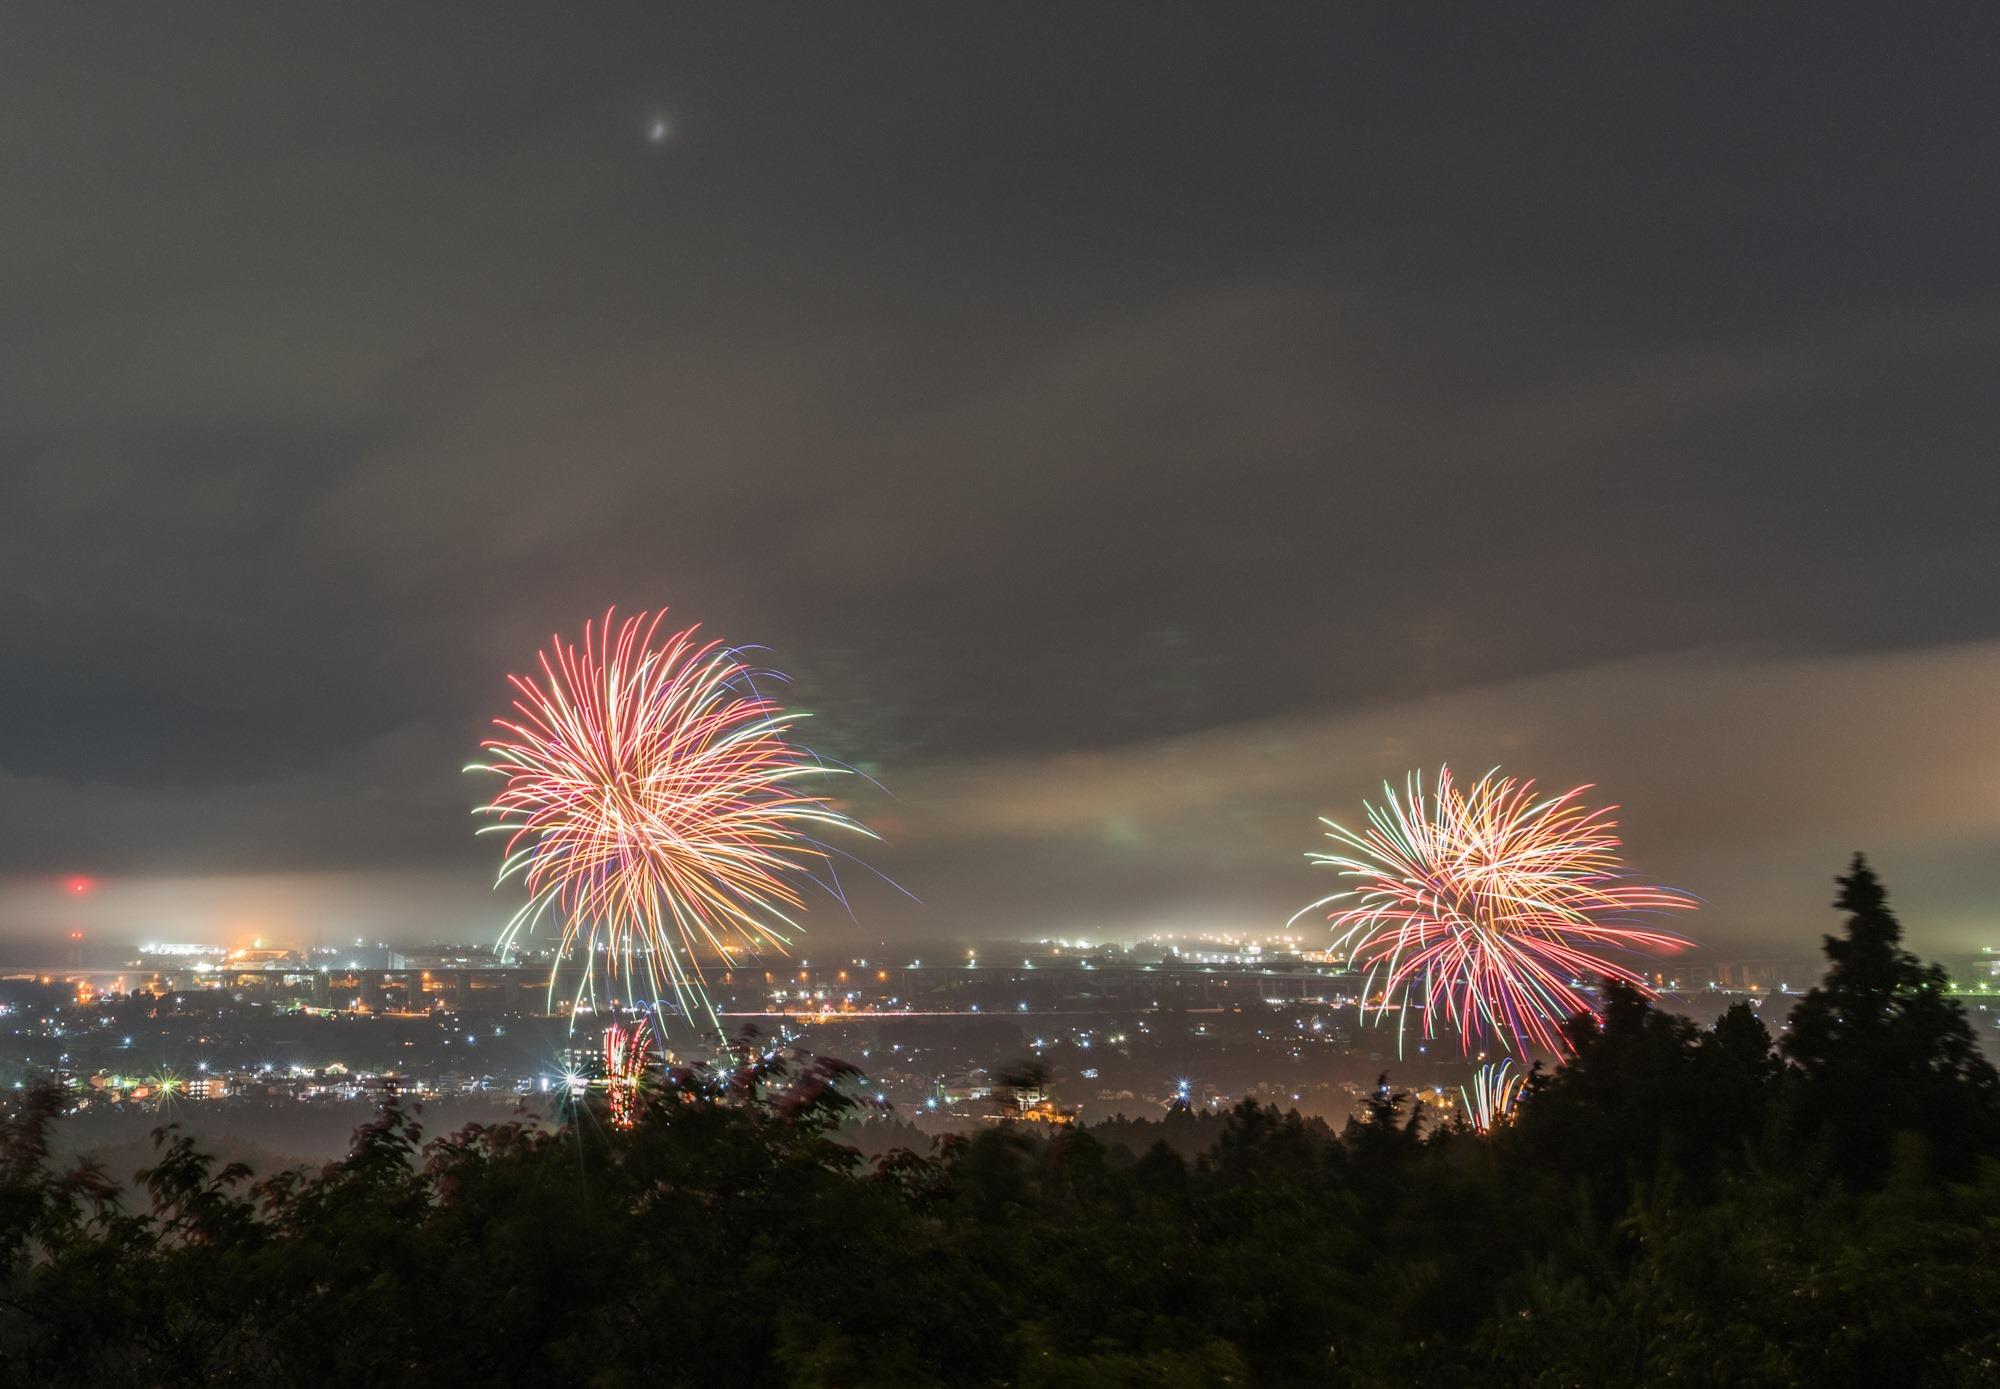 東京2020大会1年前!「はじまりの花火」が打ちあがりました